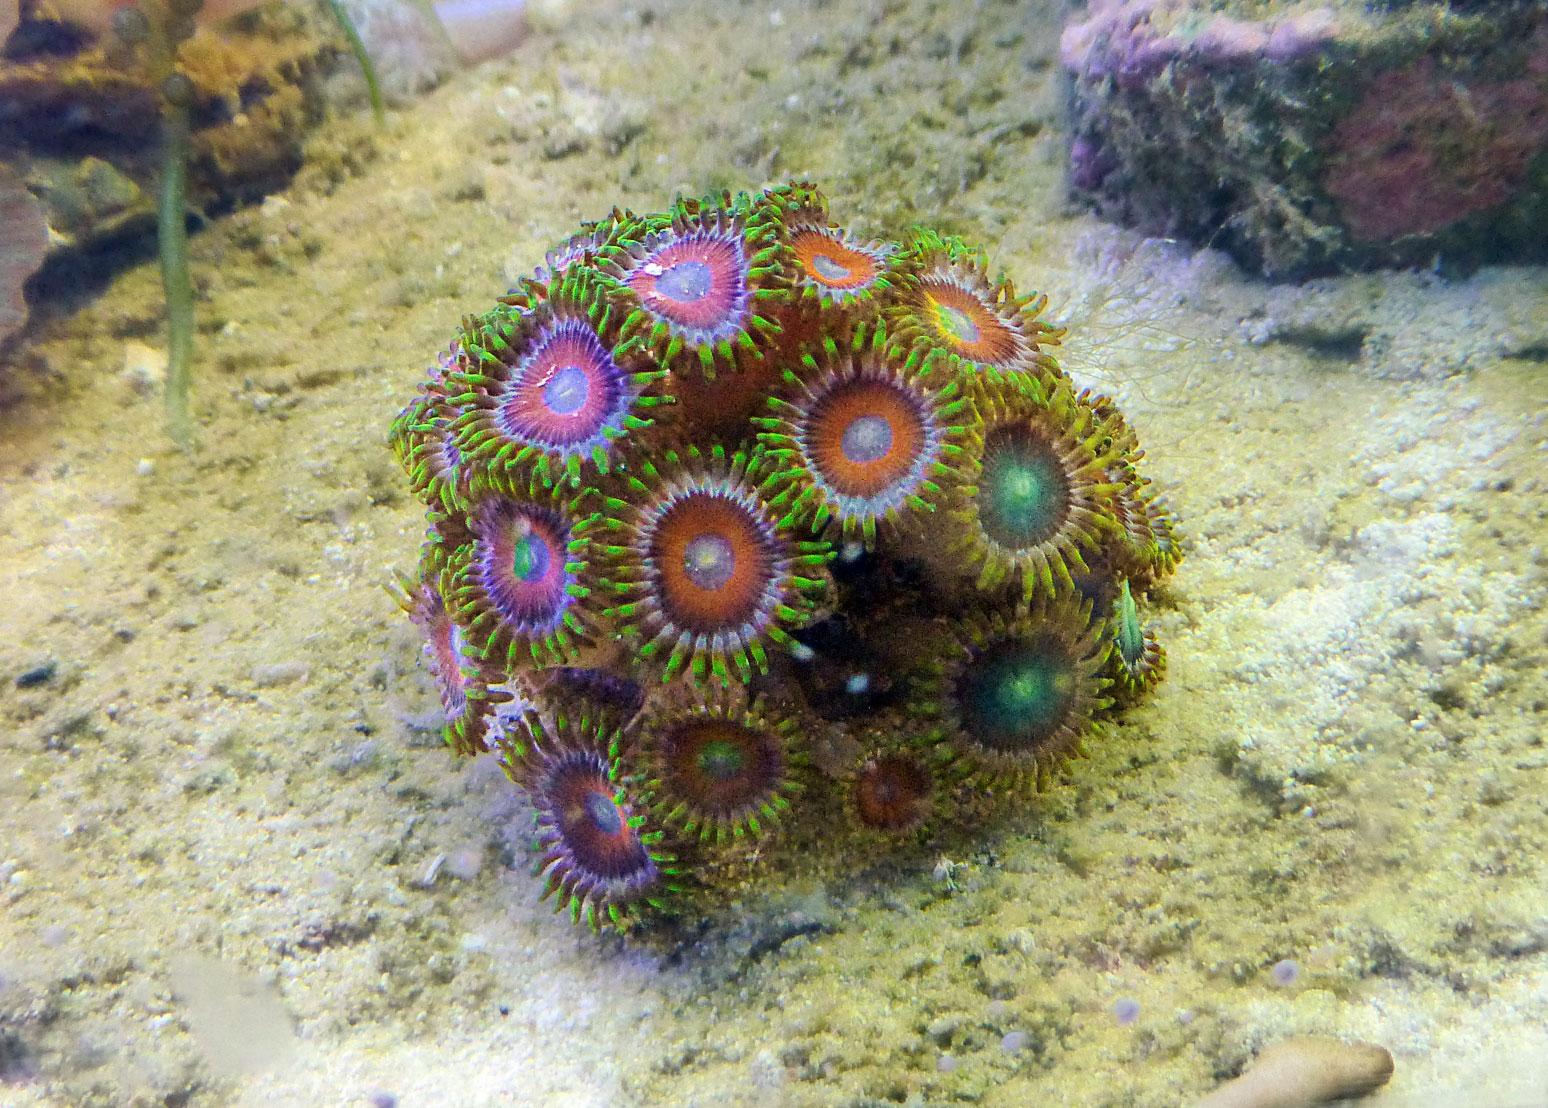 Dragon's Eye Coral